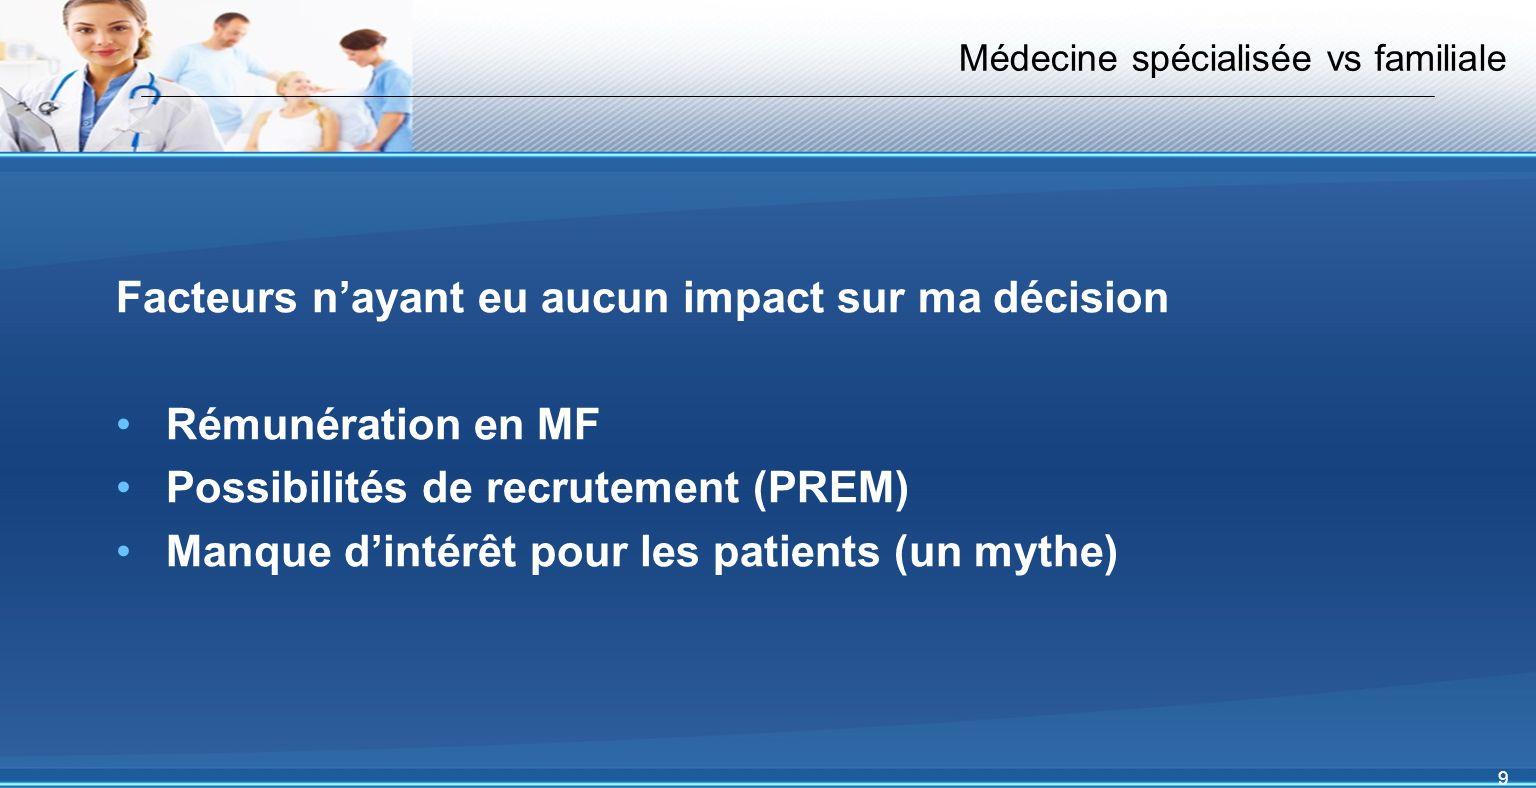 9 Médecine spécialisée vs familiale Facteurs nayant eu aucun impact sur ma décision Rémunération en MF Possibilités de recrutement (PREM) Manque dintérêt pour les patients (un mythe)